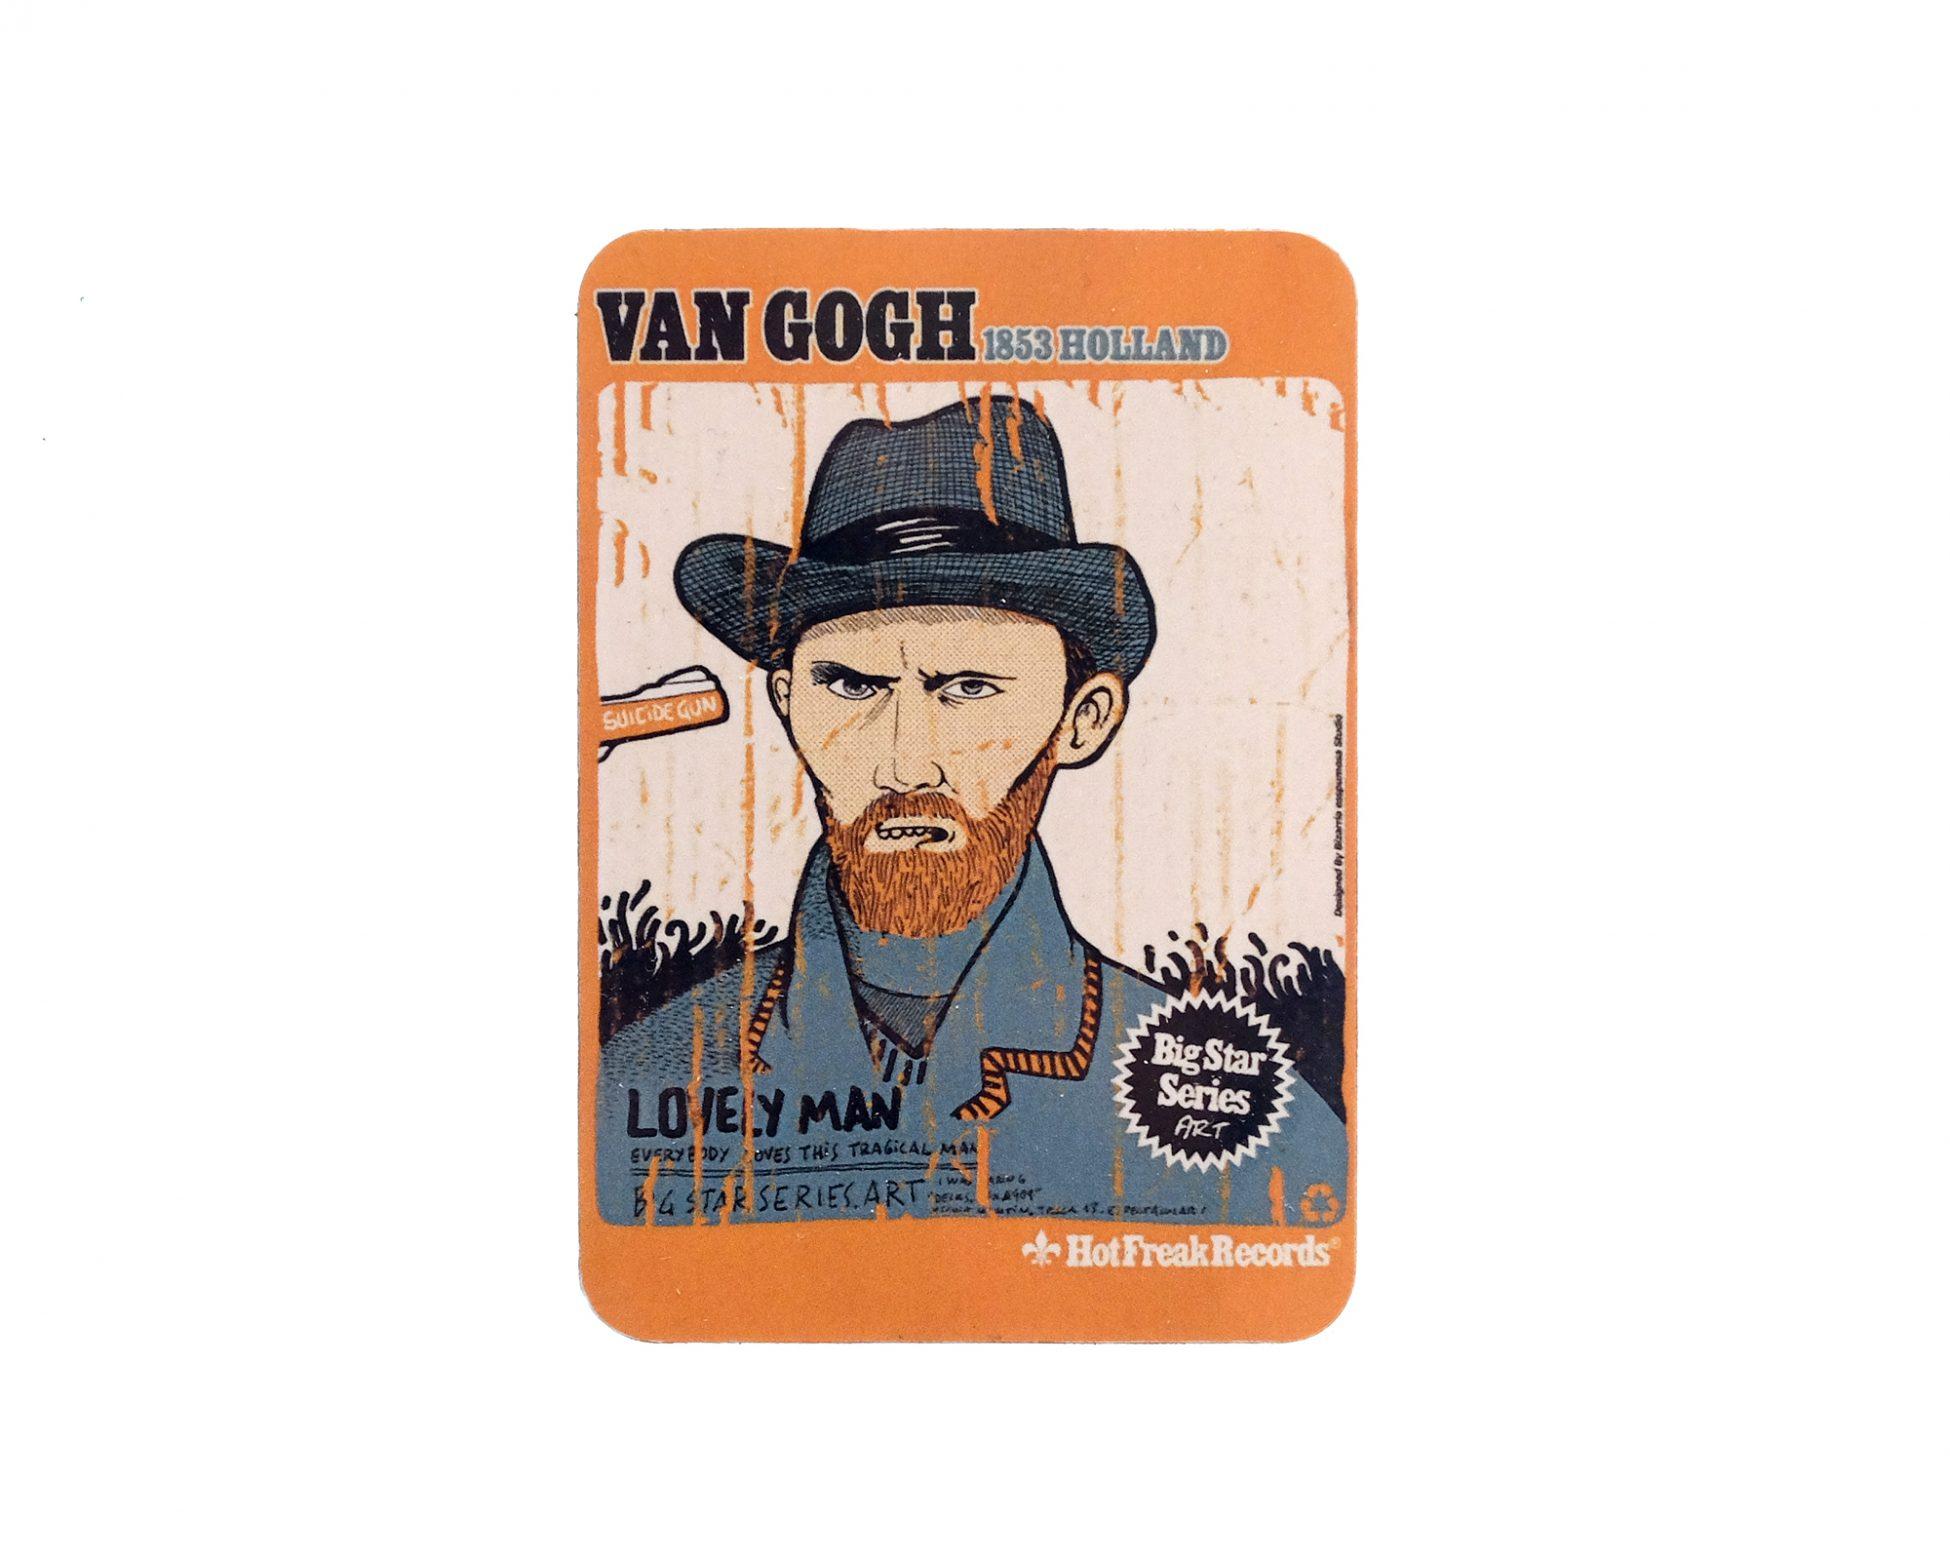 Iman con un retrato de Van Gogh. Ilustración en color. Dibujo Arte